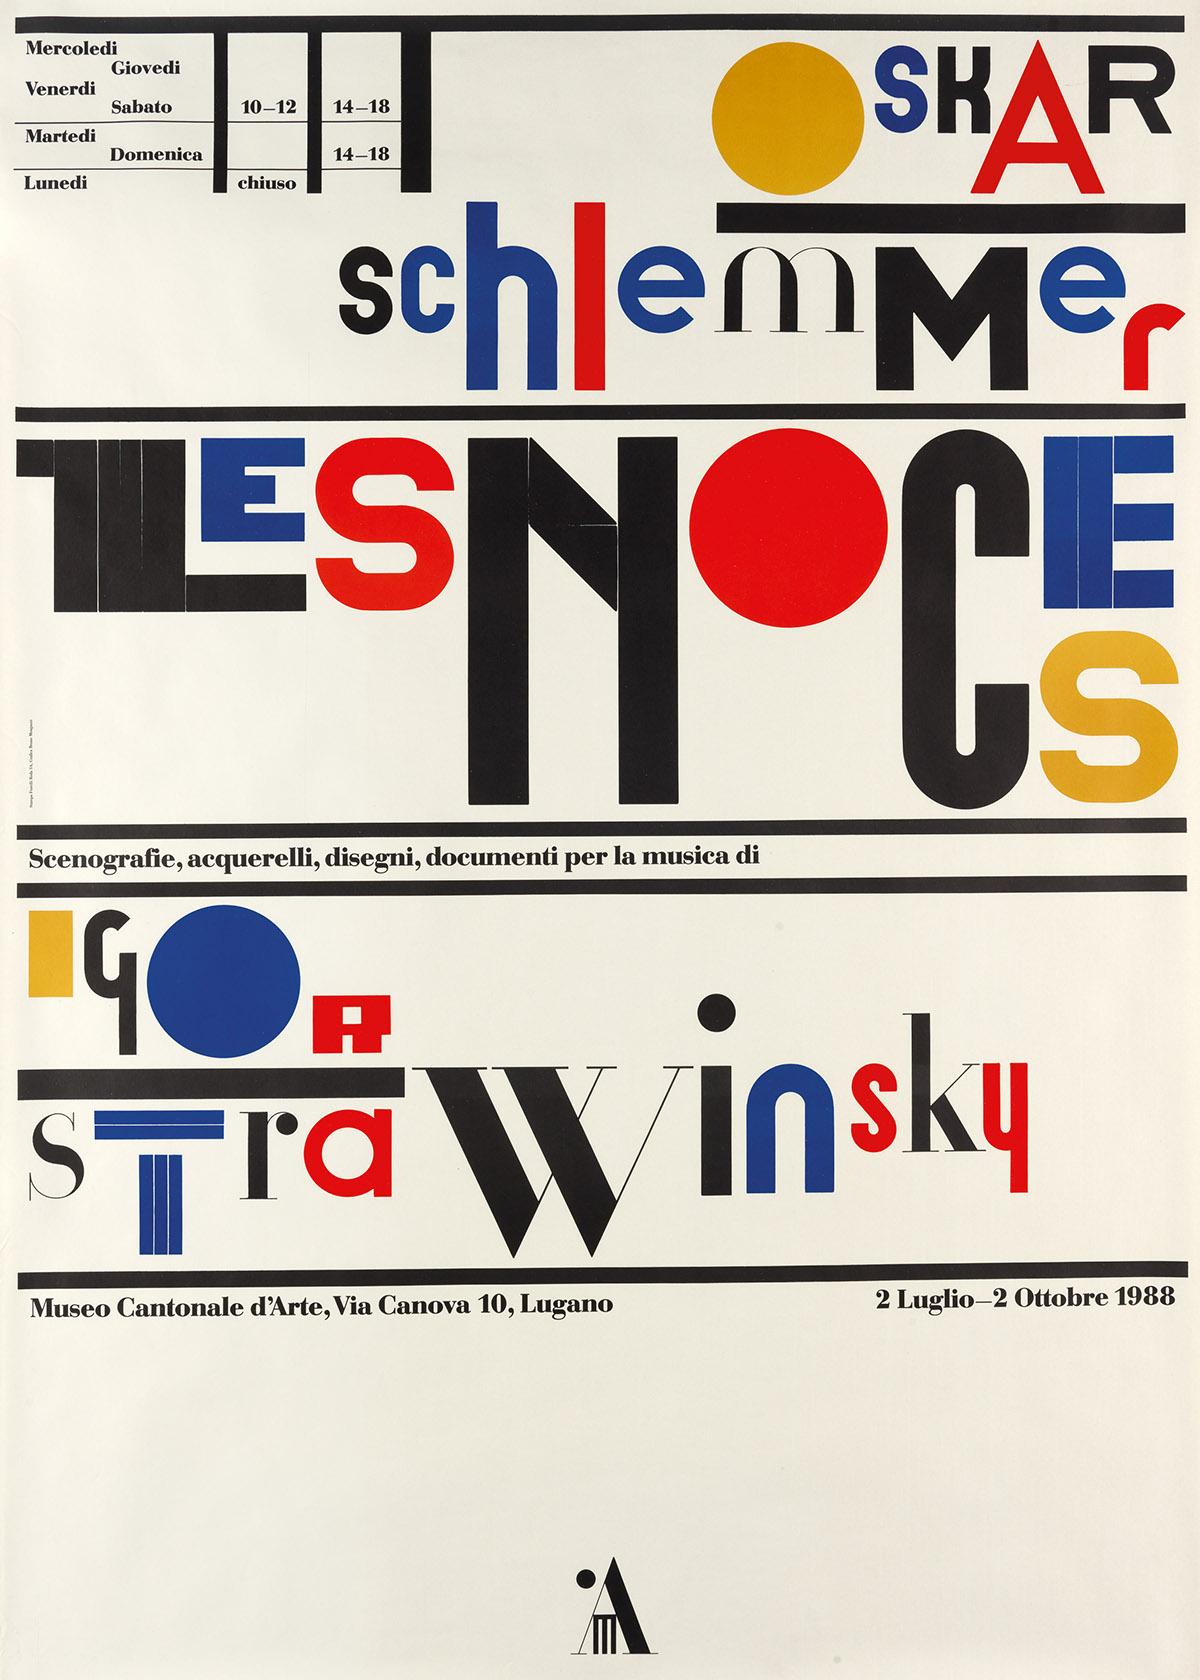 BRUNO MONGUZZI (1941- ). OSKAR SCHLEMMER / LES NOCES / IGOR STRAVINSKY. 1988. 50x35 inches, 127x90 cm. Fratelli Roda, Taverne.